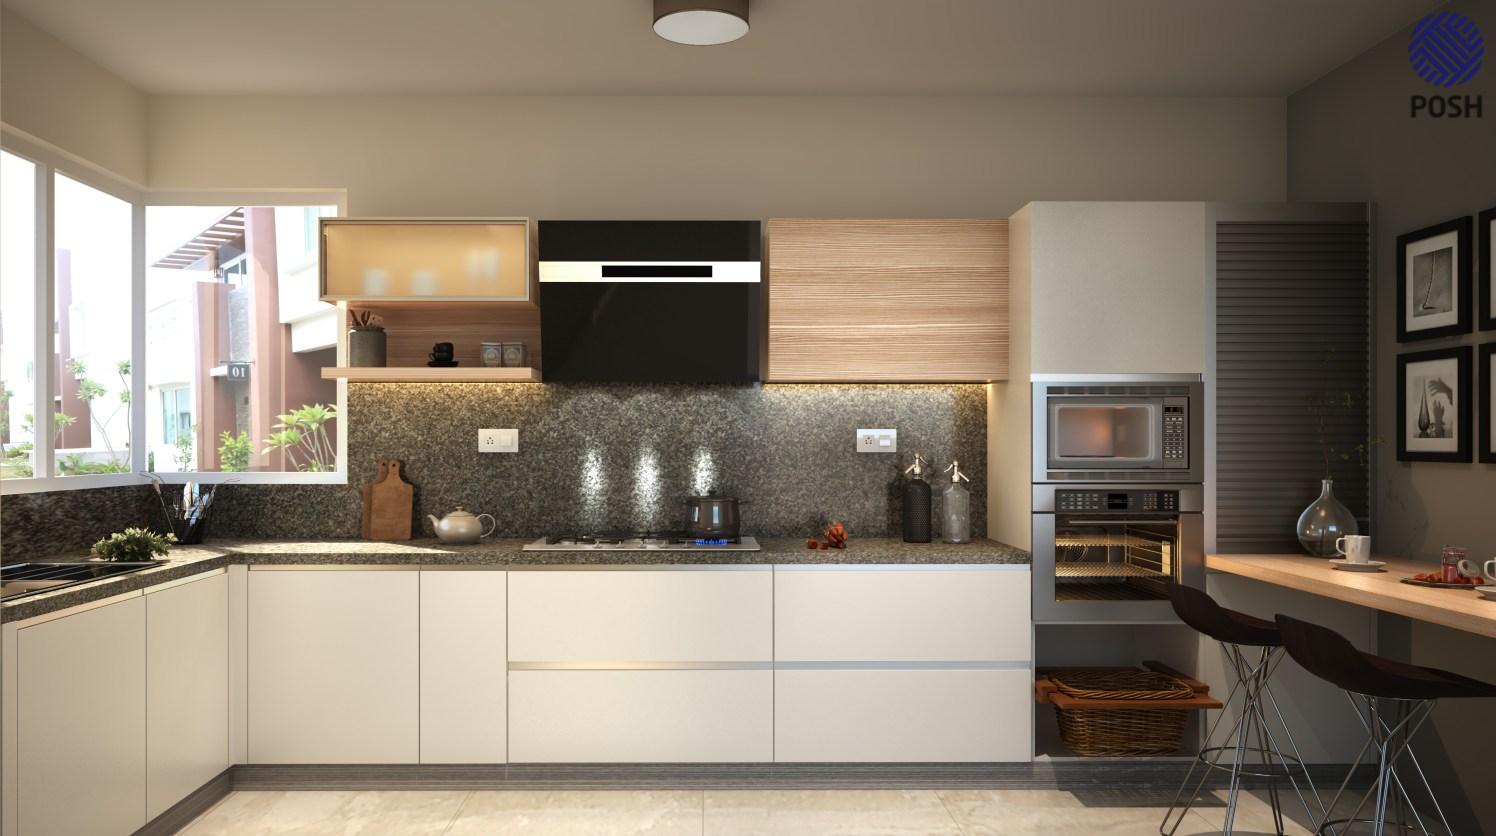 Modern modular L shaped kitchen by Priyanka Rai Modular-kitchen Modern | Interior Design Photos & Ideas